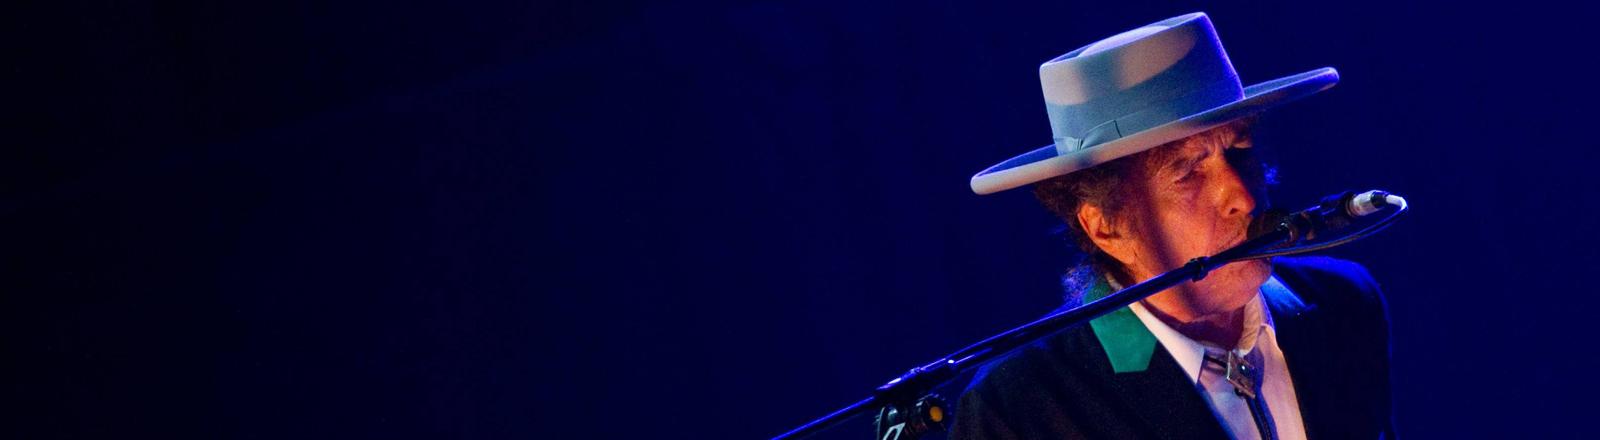 Bob Dylan auf einem Konzert.